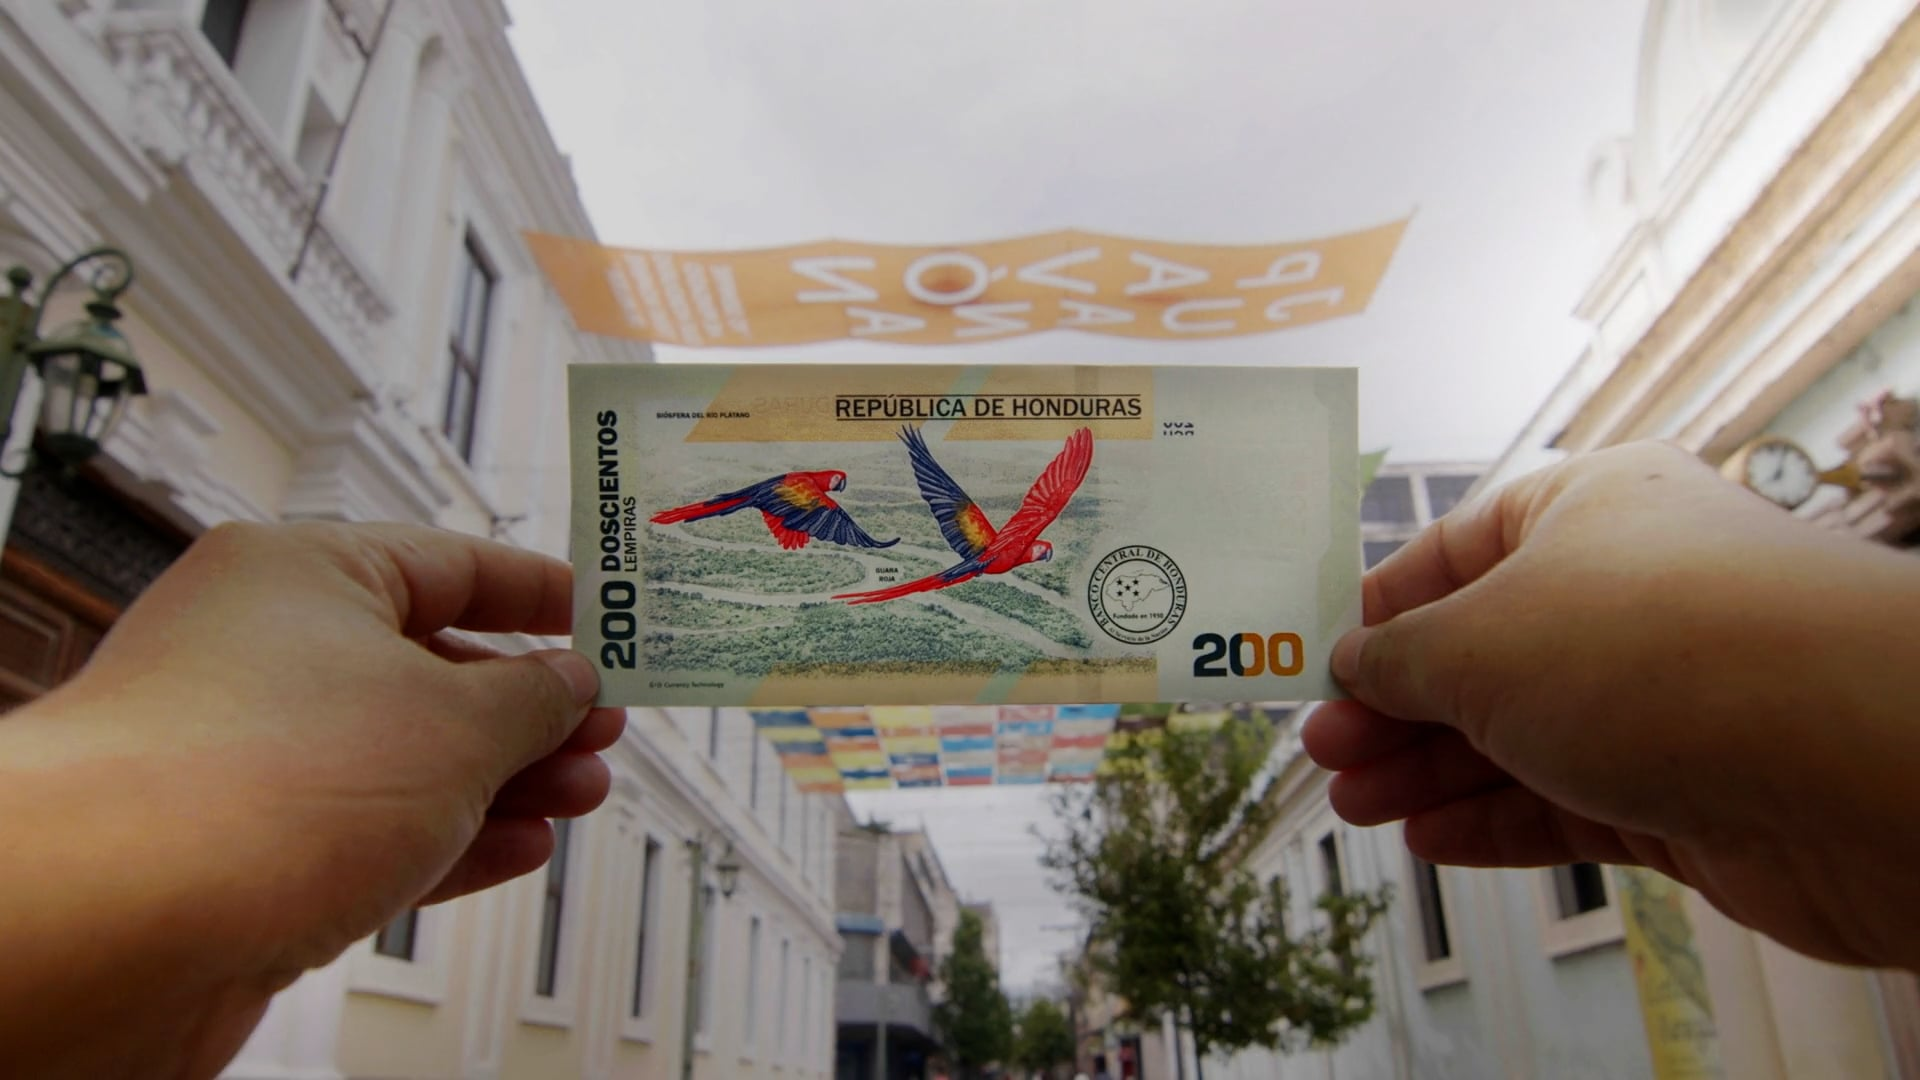 14 al Centro I Banco Central de Honduras